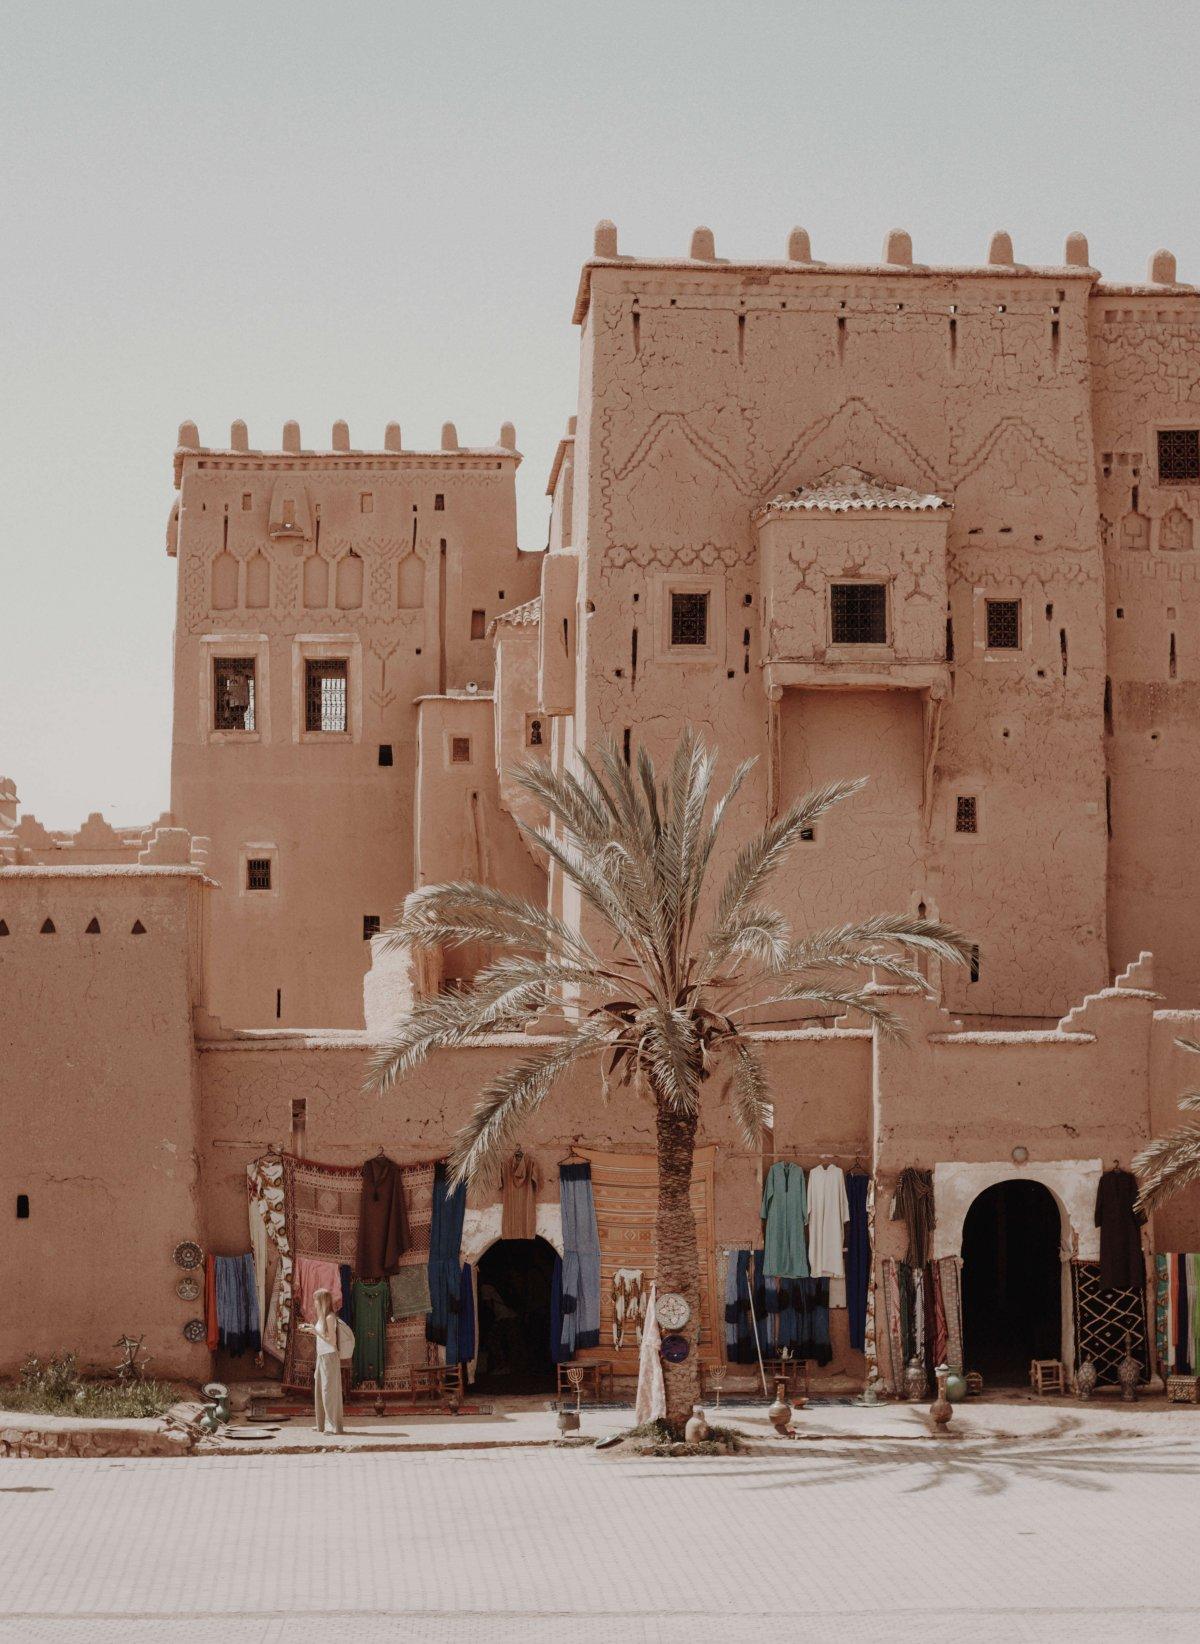 15 dingen die je moet weten over Marokko, voordat je voor het eerst naar dit land reist